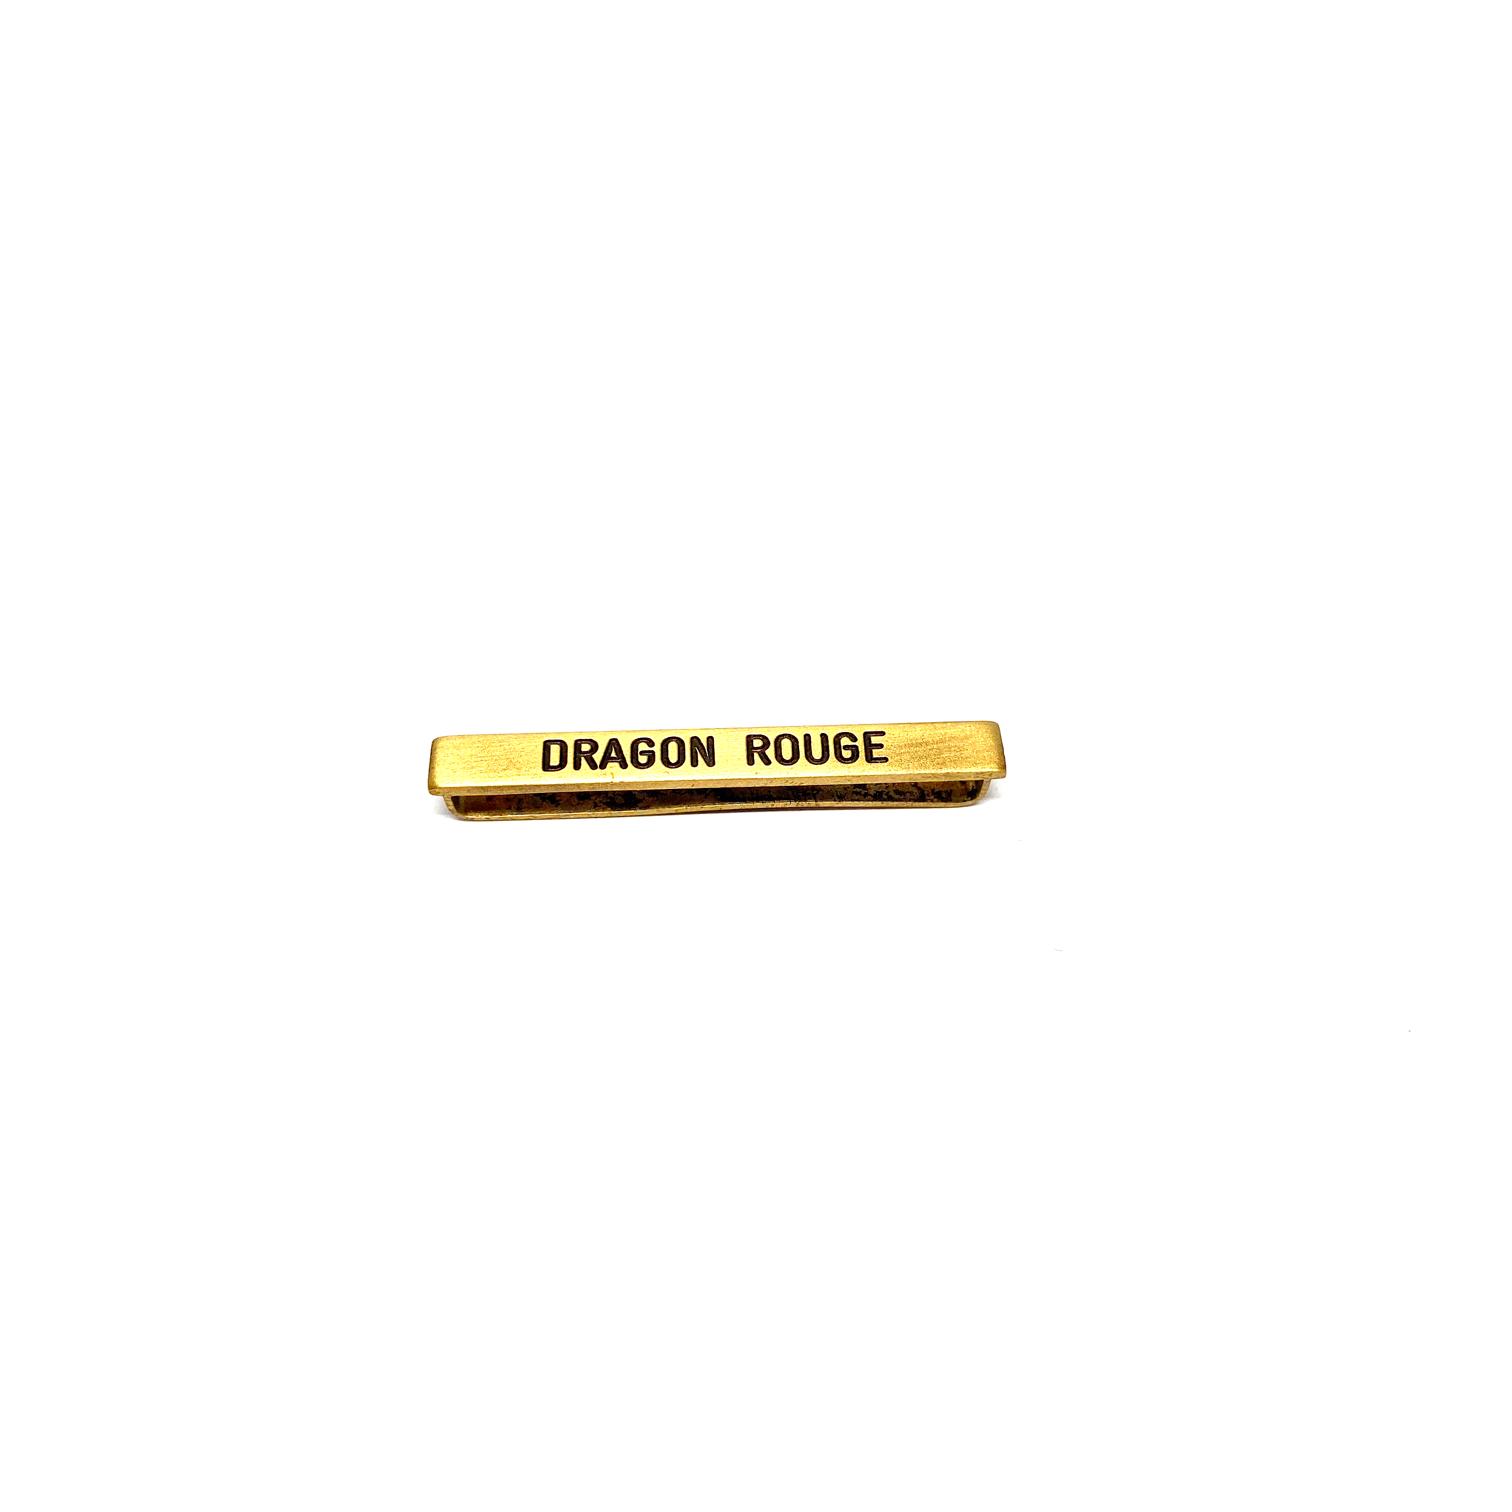 Barrette Dragon Rouge pour décorations militaires